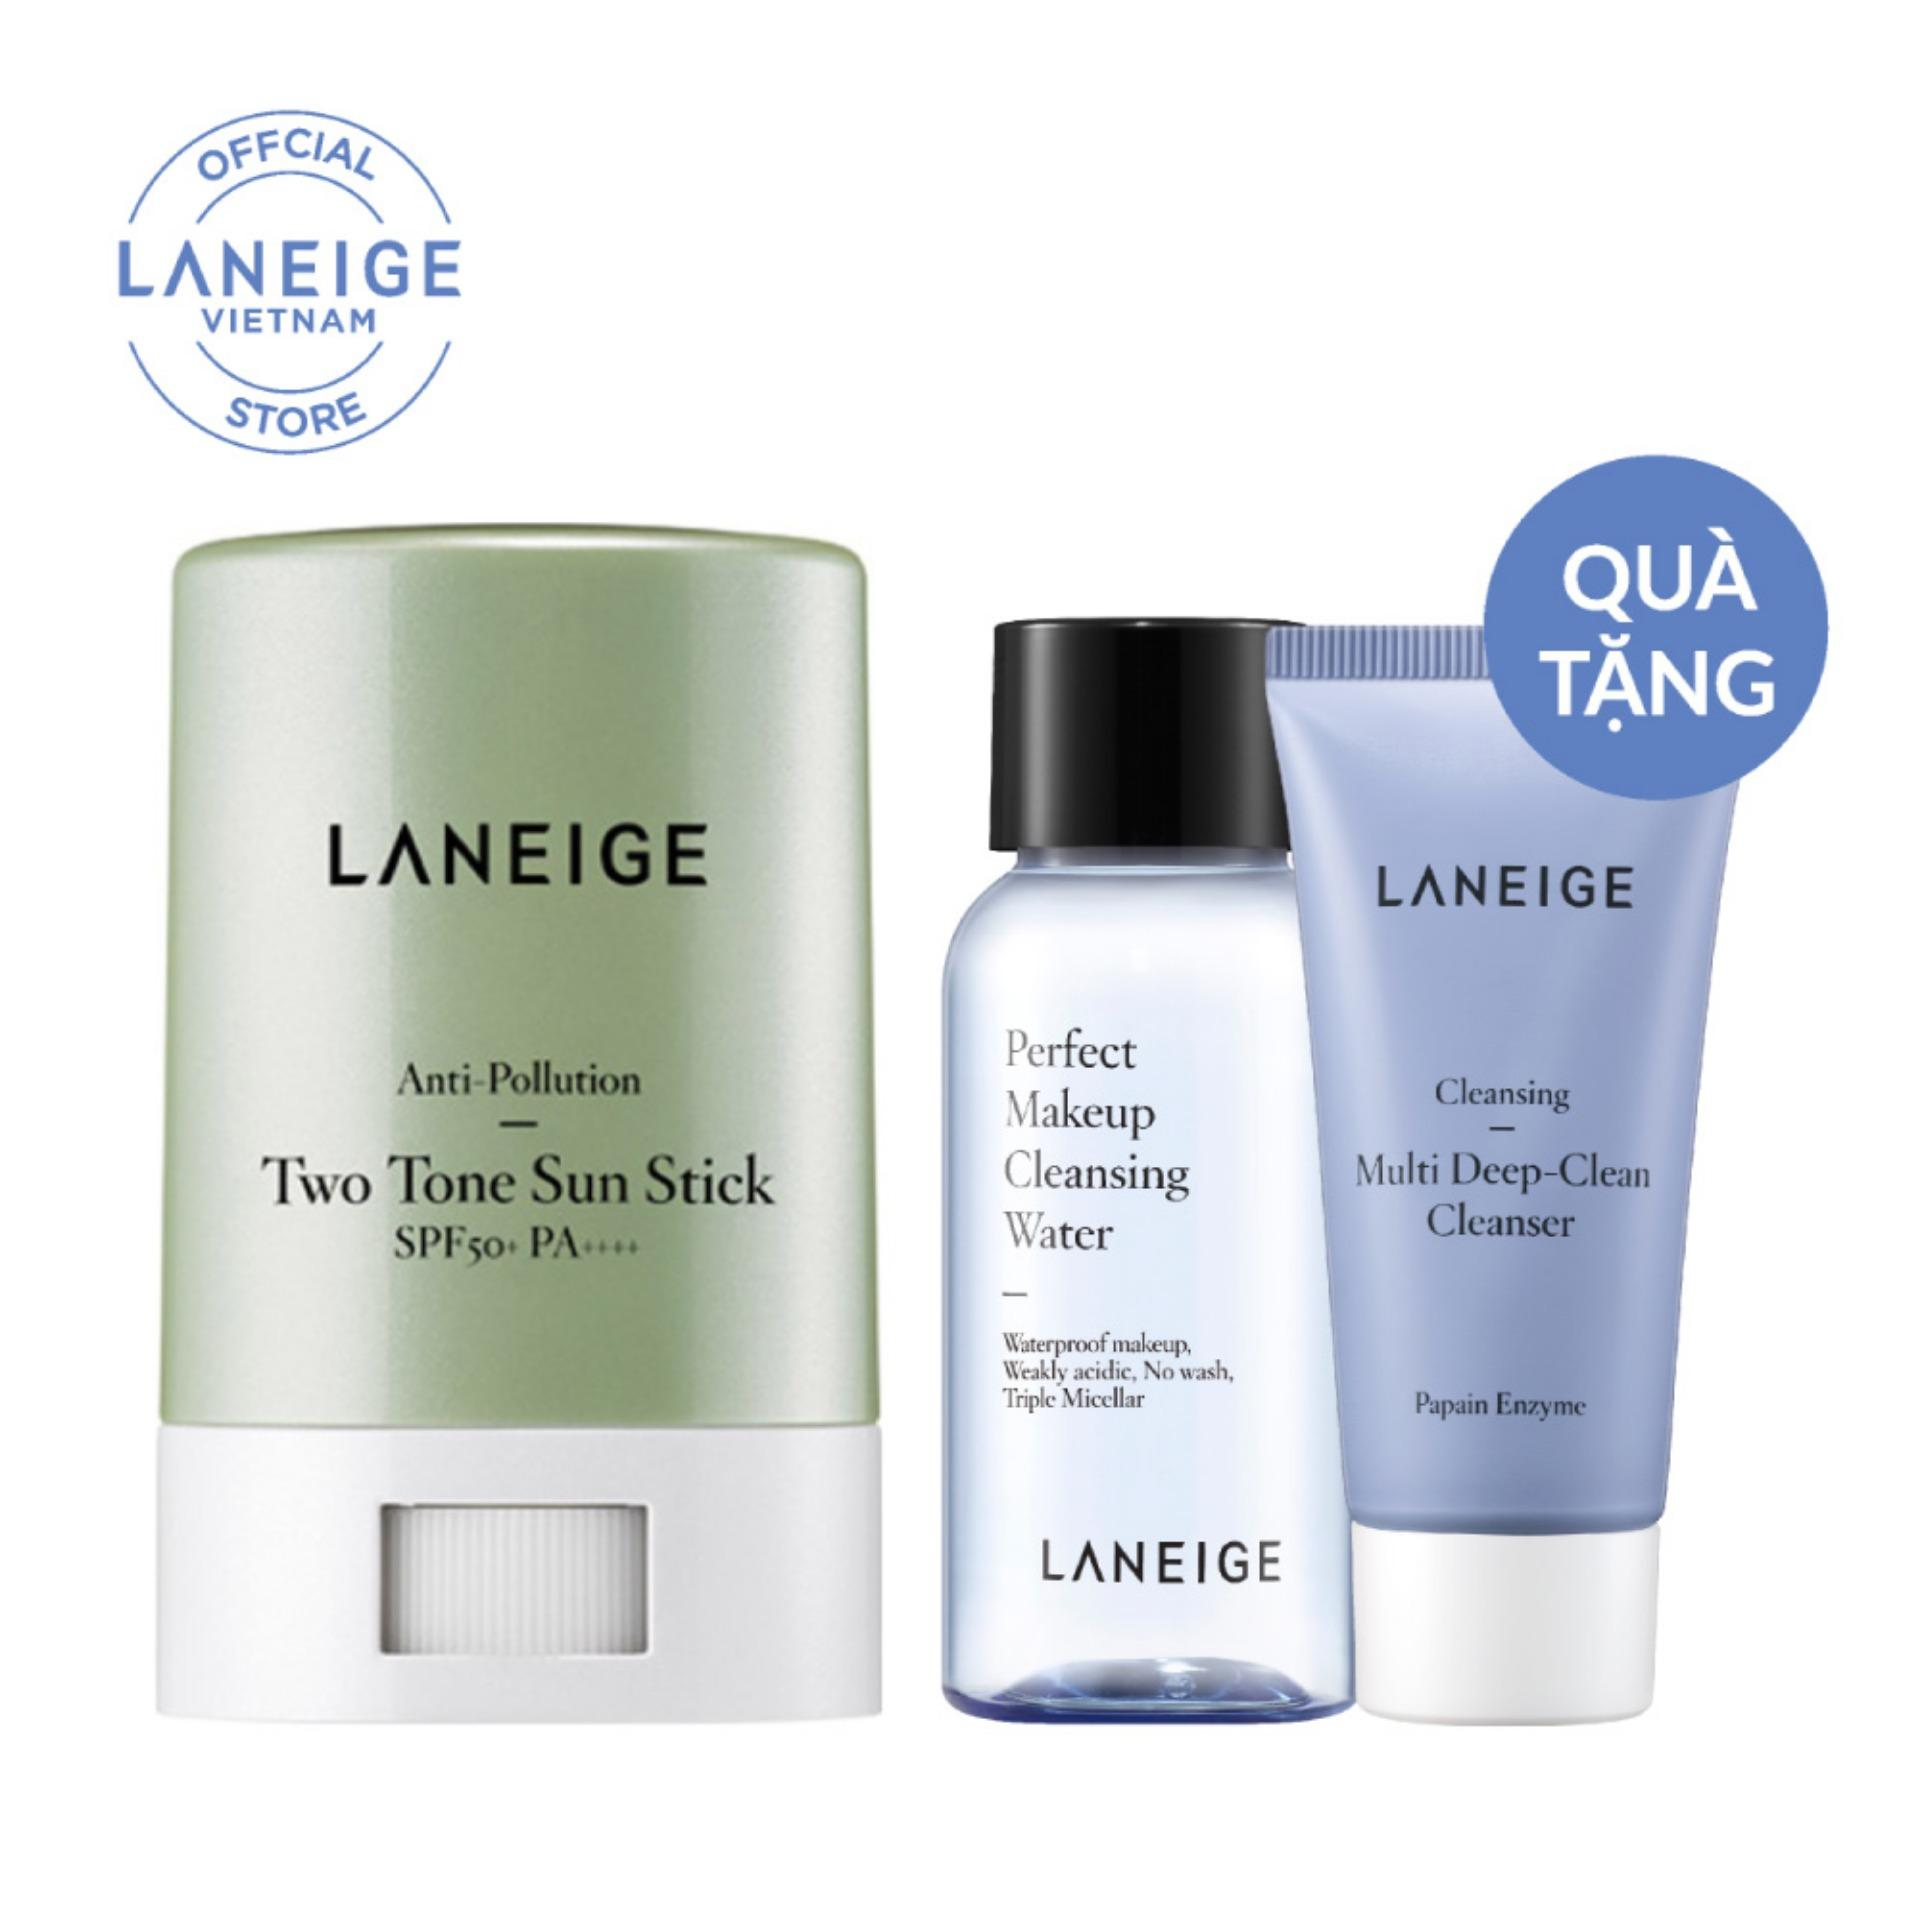 Chống nắng dạng sáp hai màu Laneige Anti-Pollution Two Tone Sun Stick SPF50+ PA++++ 18g tốt nhất